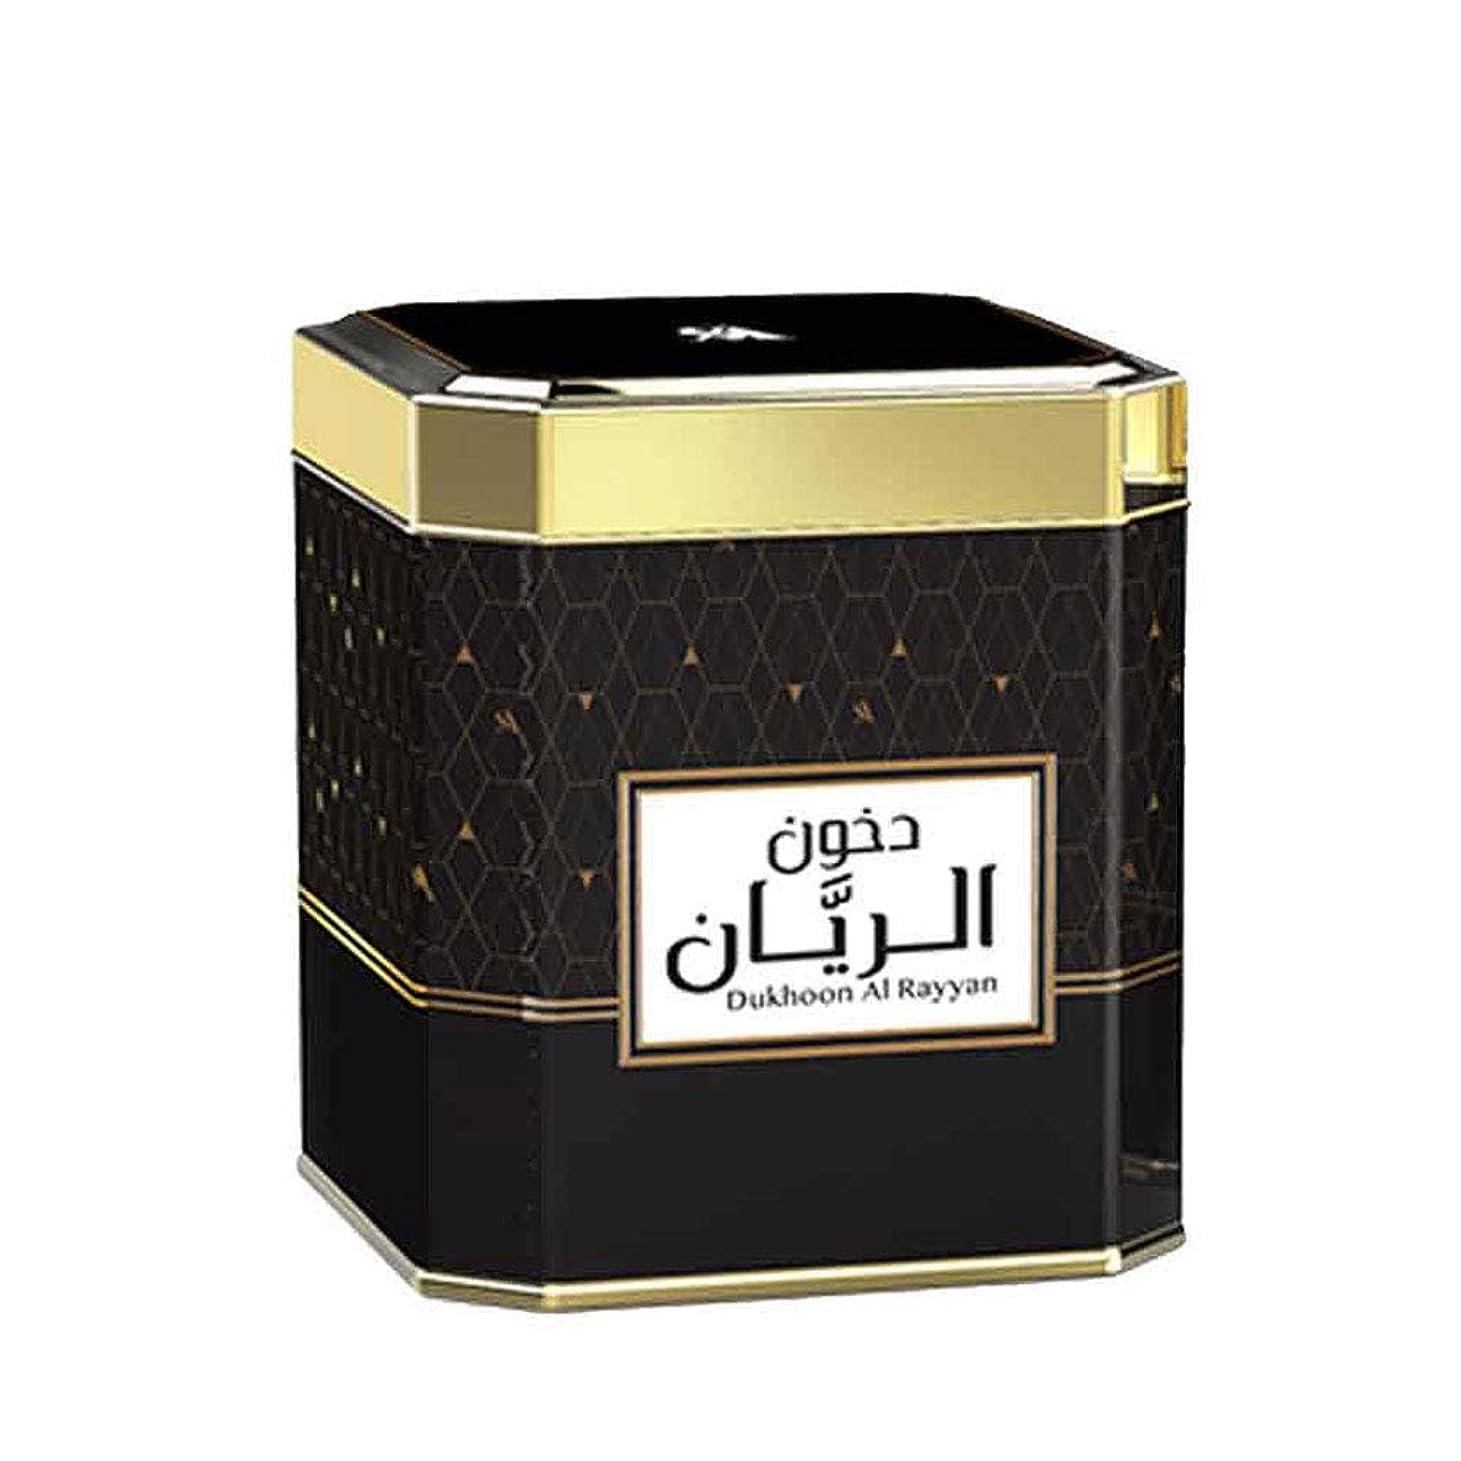 ギャラリー言語学機会スイスアラビアのスイス製ダキタル レイヤン 125gm Bakhoor (お香)